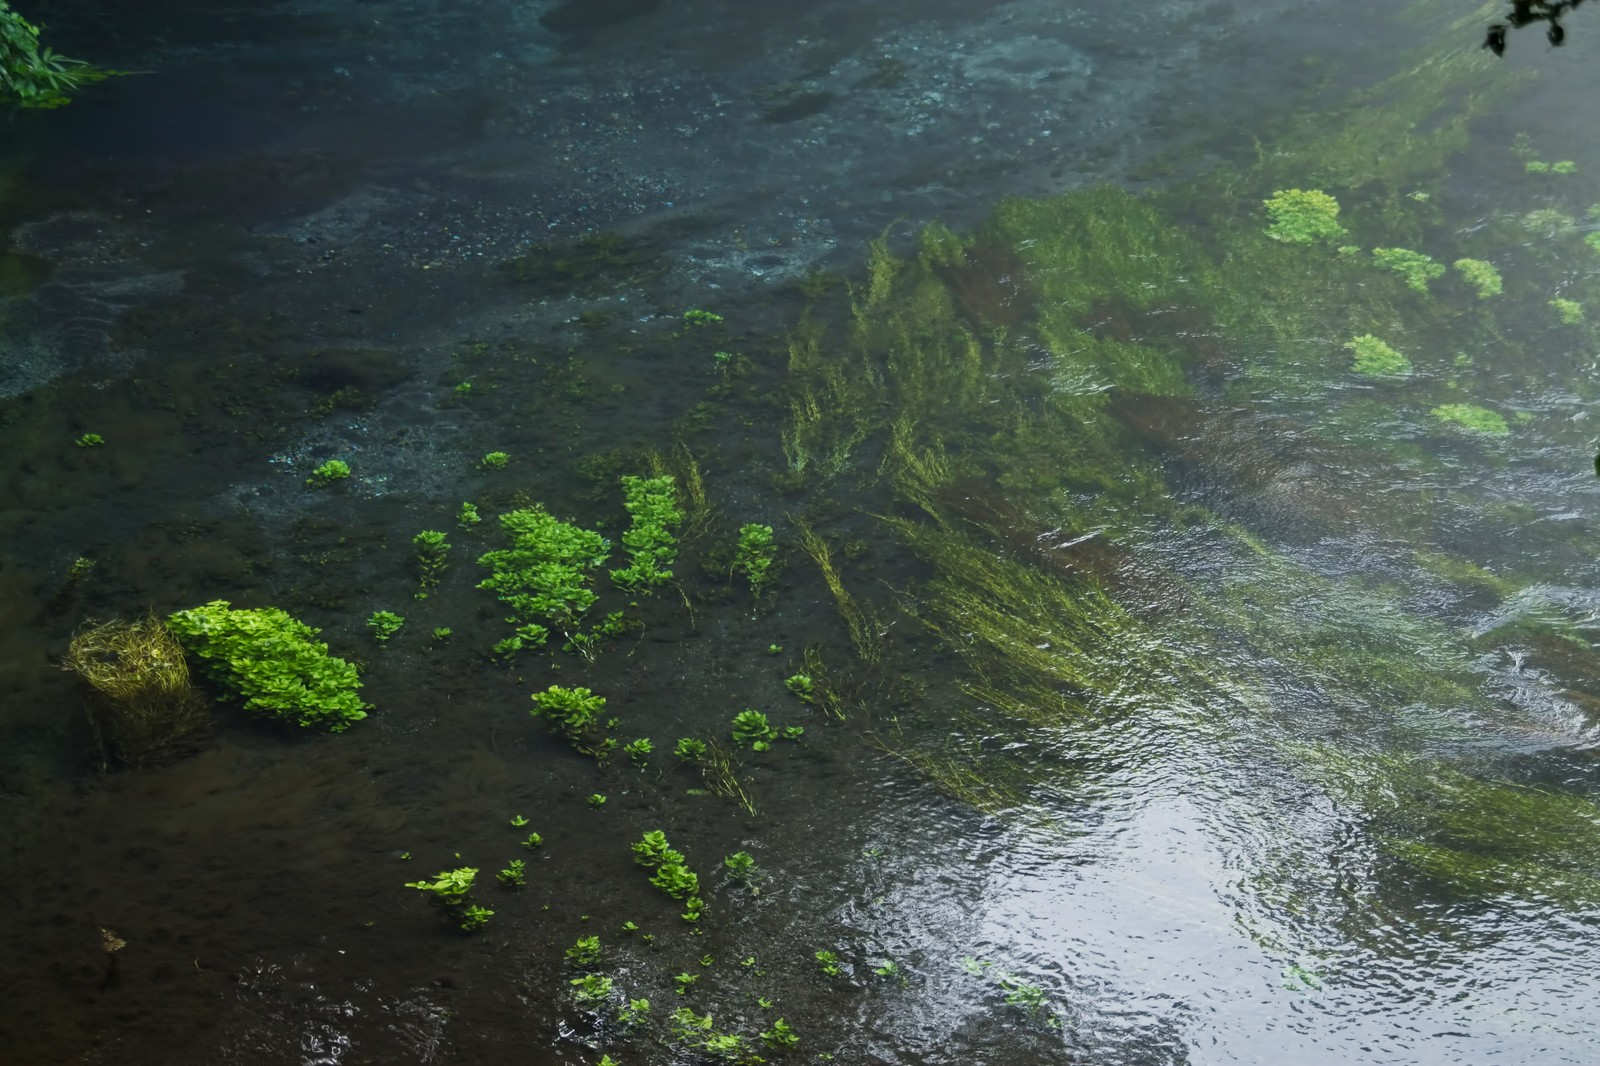 「透き通る柿田川透き通る柿田川」のフリー写真素材を拡大